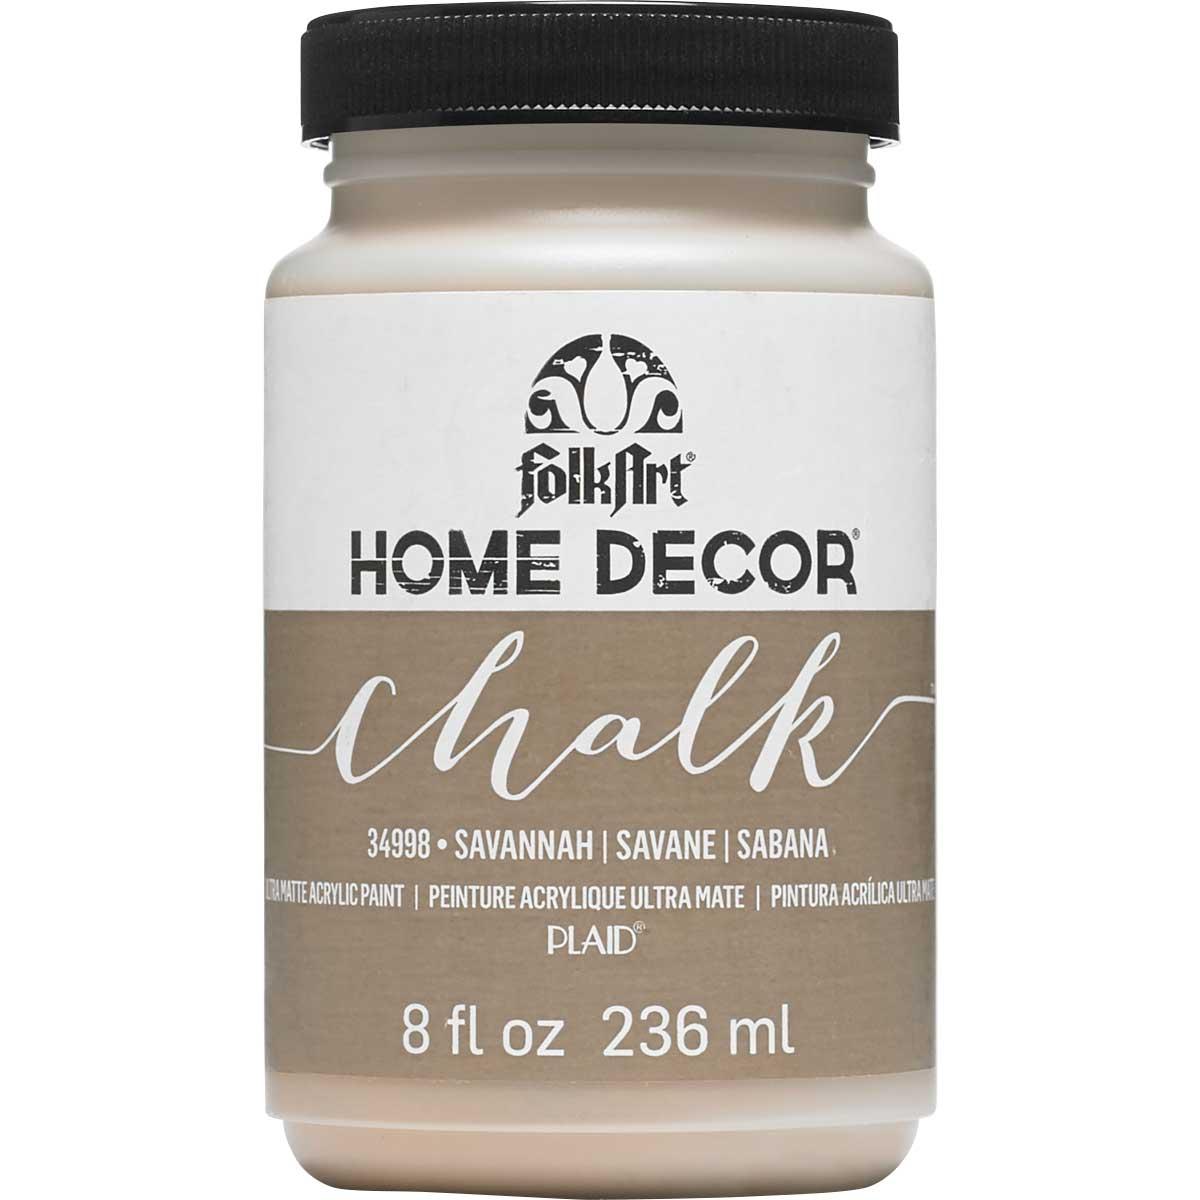 FolkArt ® Home Decor™ Chalk - Savannah, 8 oz.